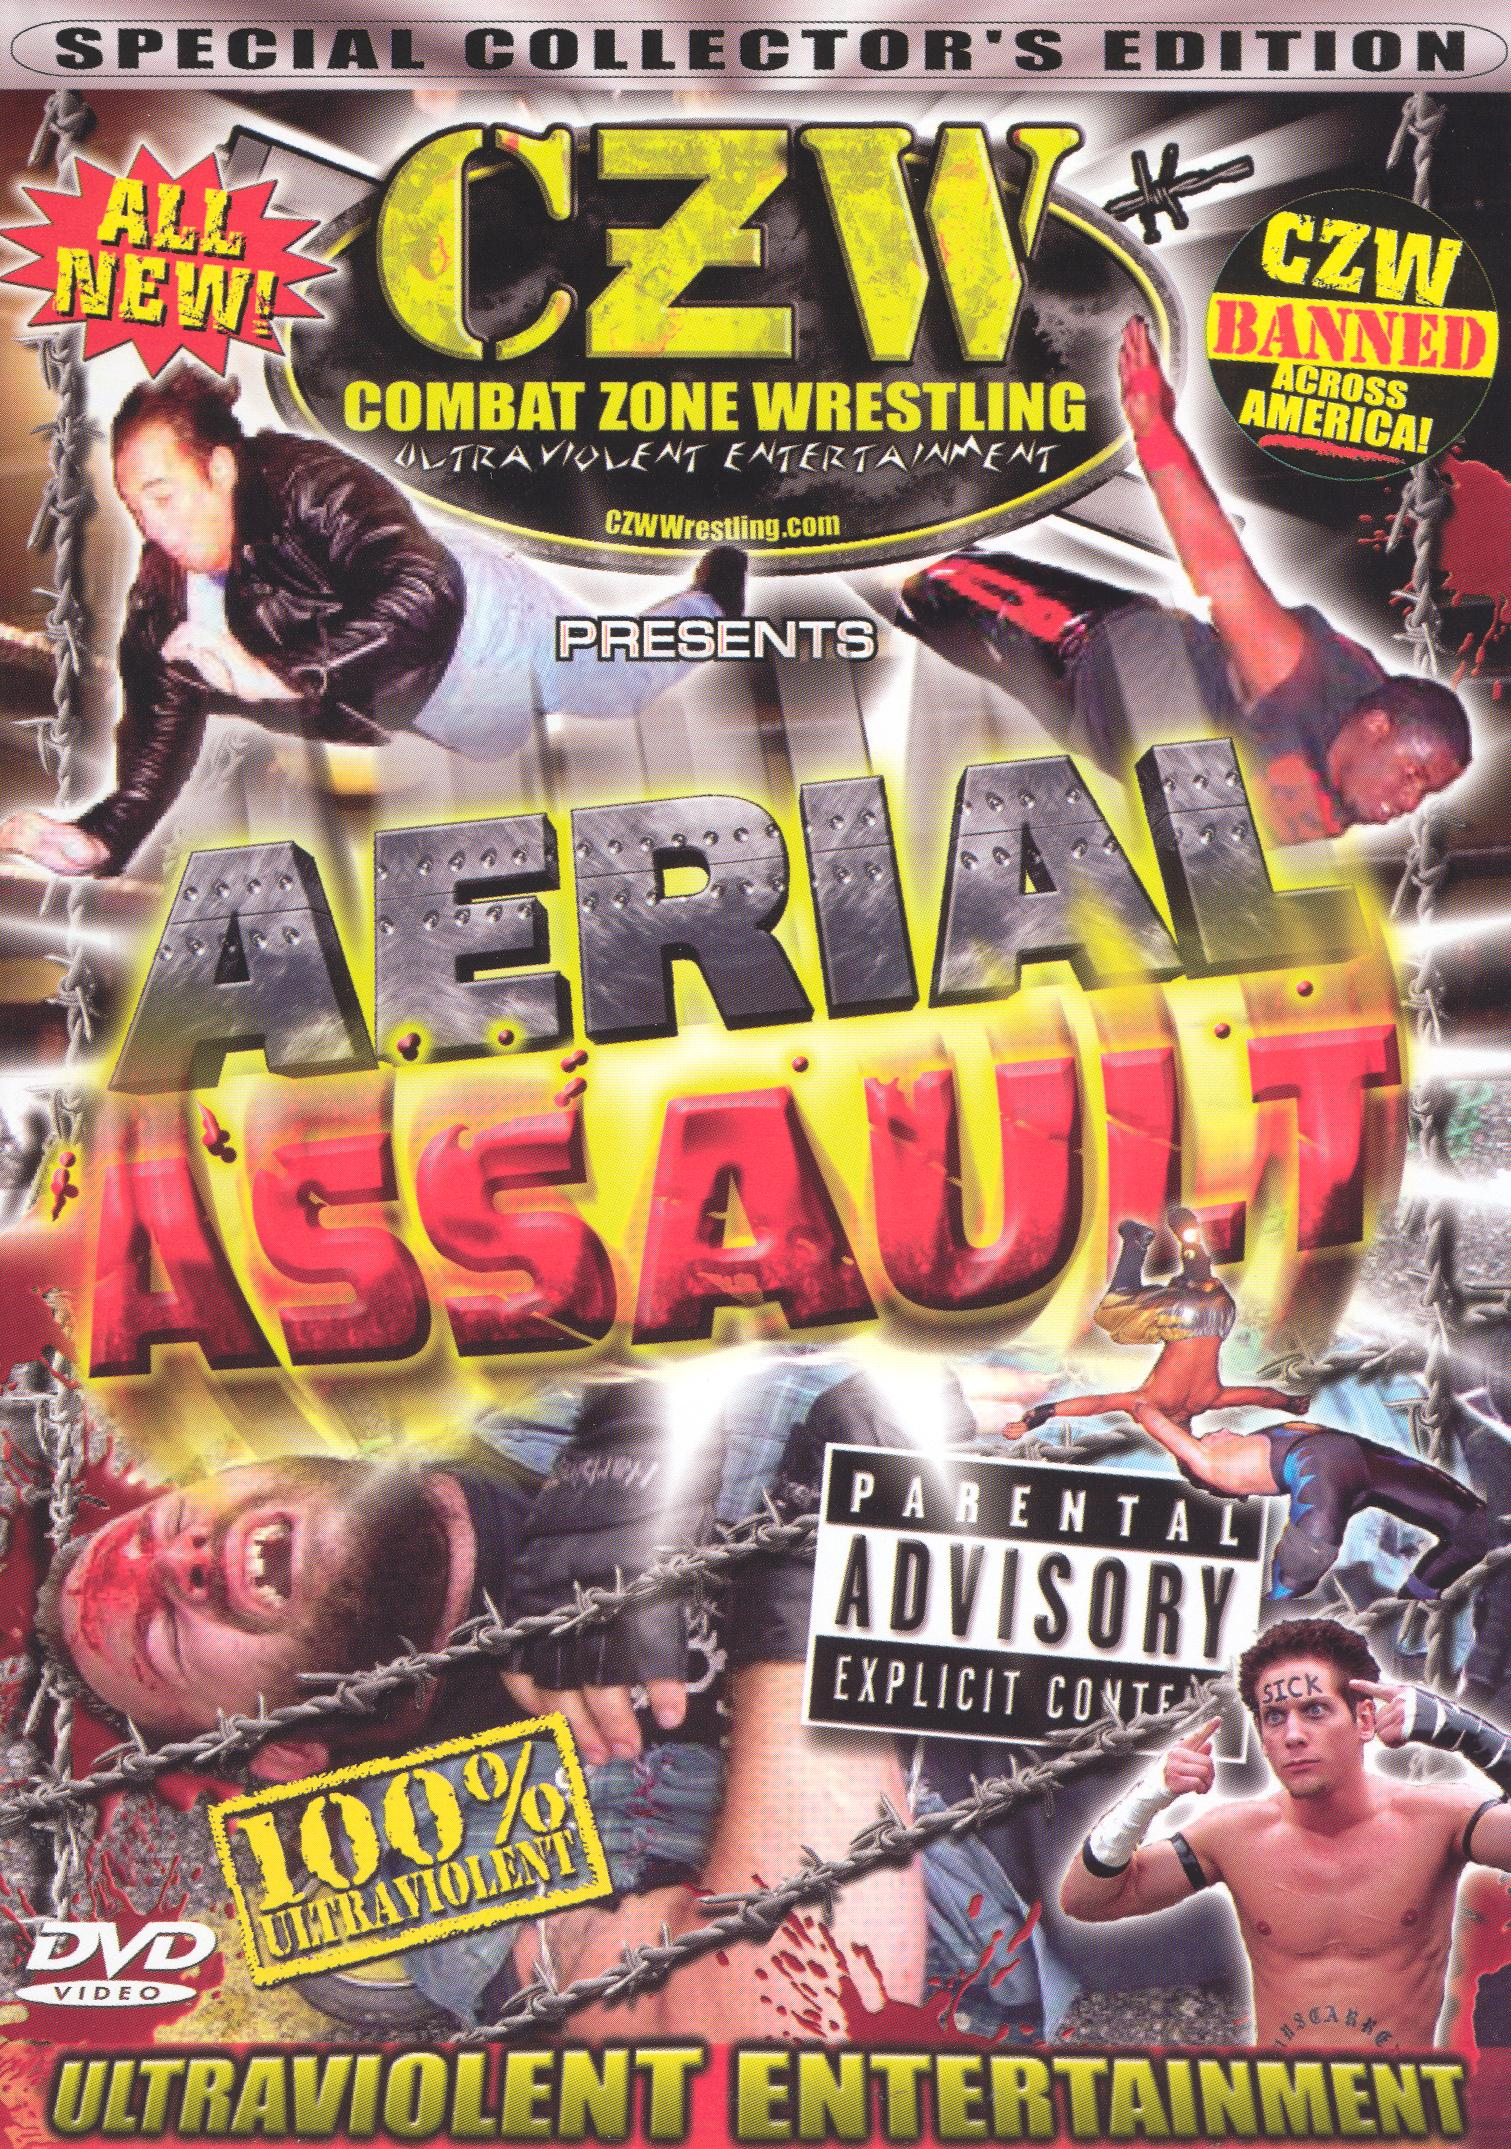 Combat Zone Wrestling: Aerial Assault